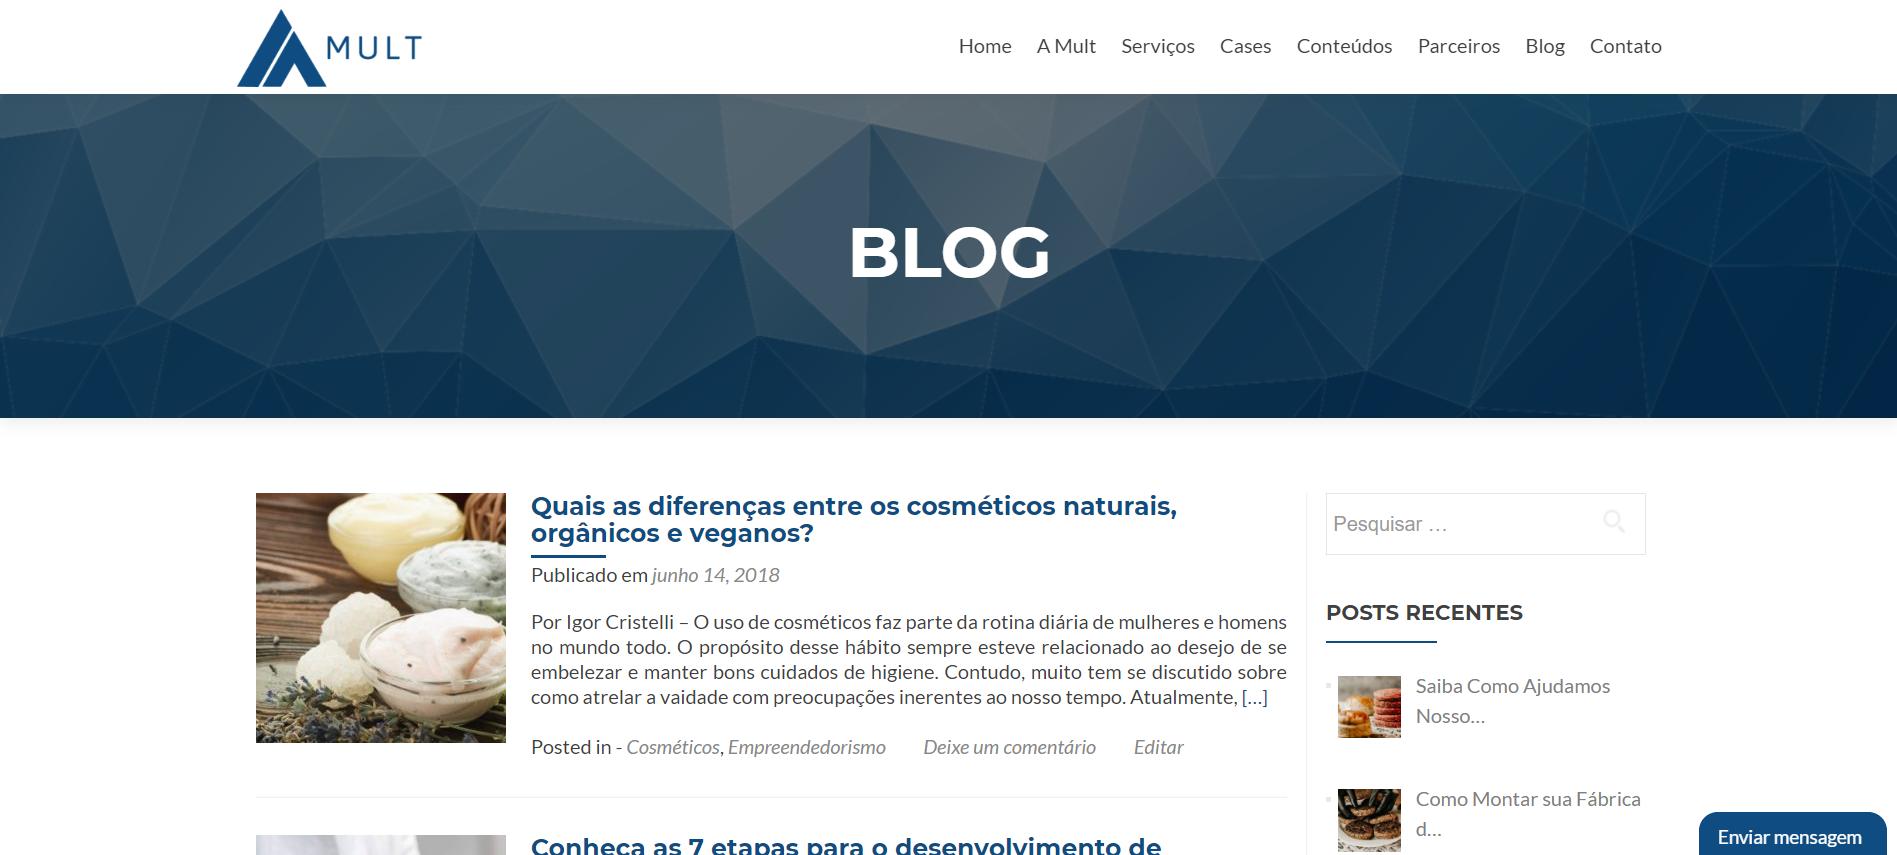 blog da Mult